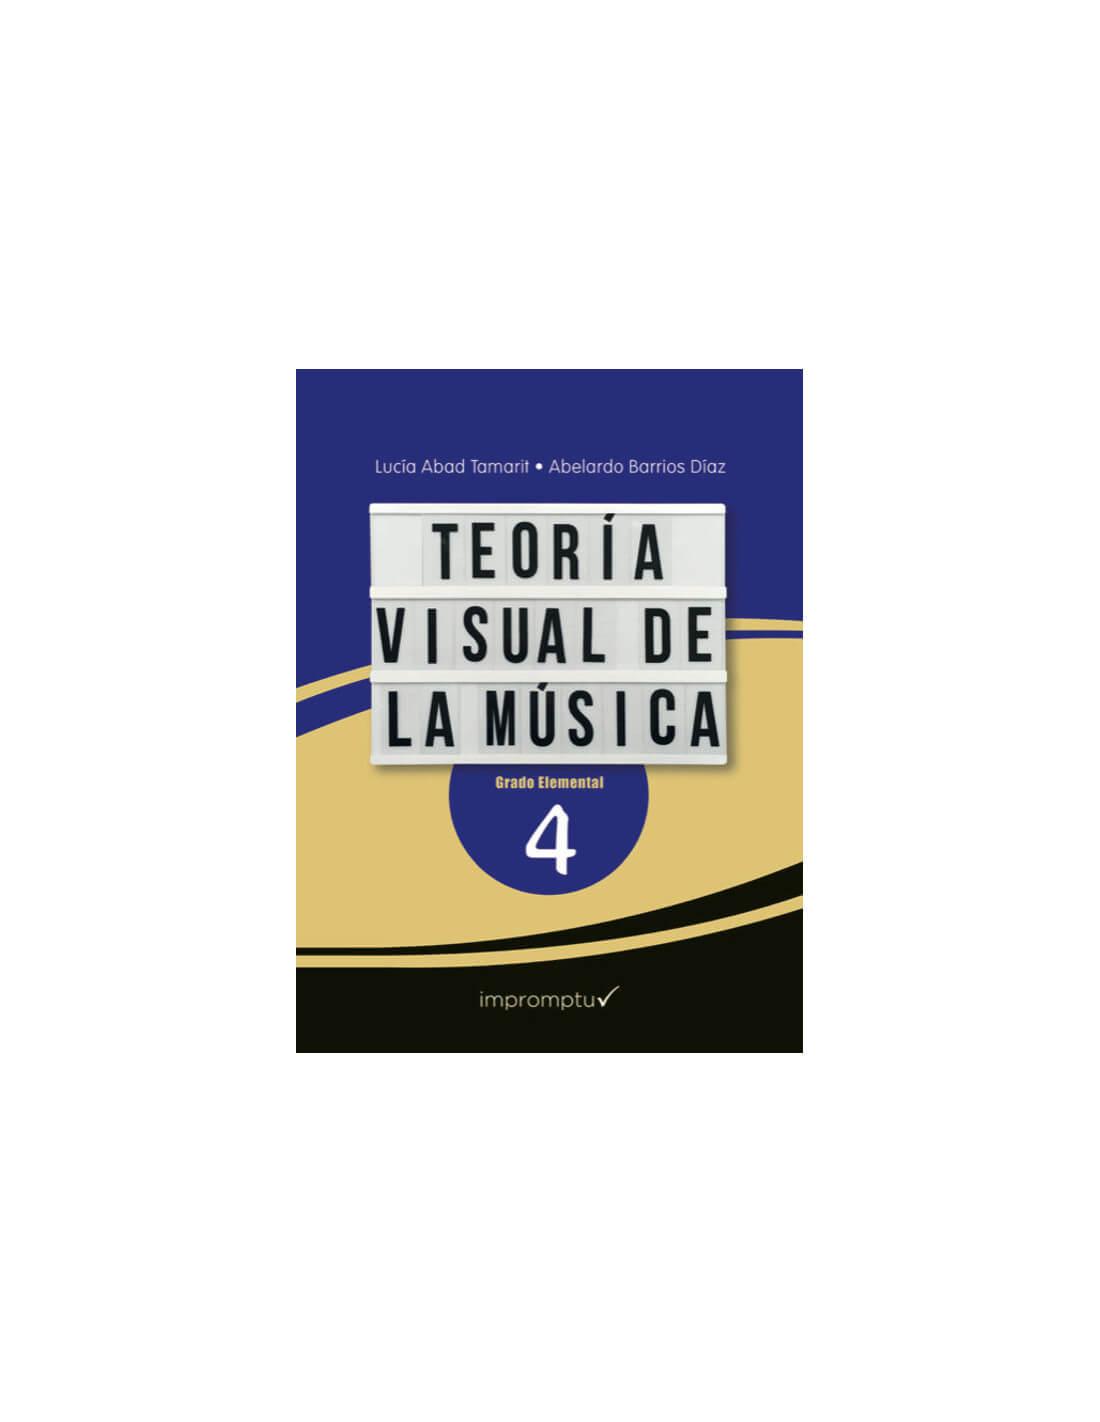 Teoría visual de la música 4 Elemental. Abad/Barrios